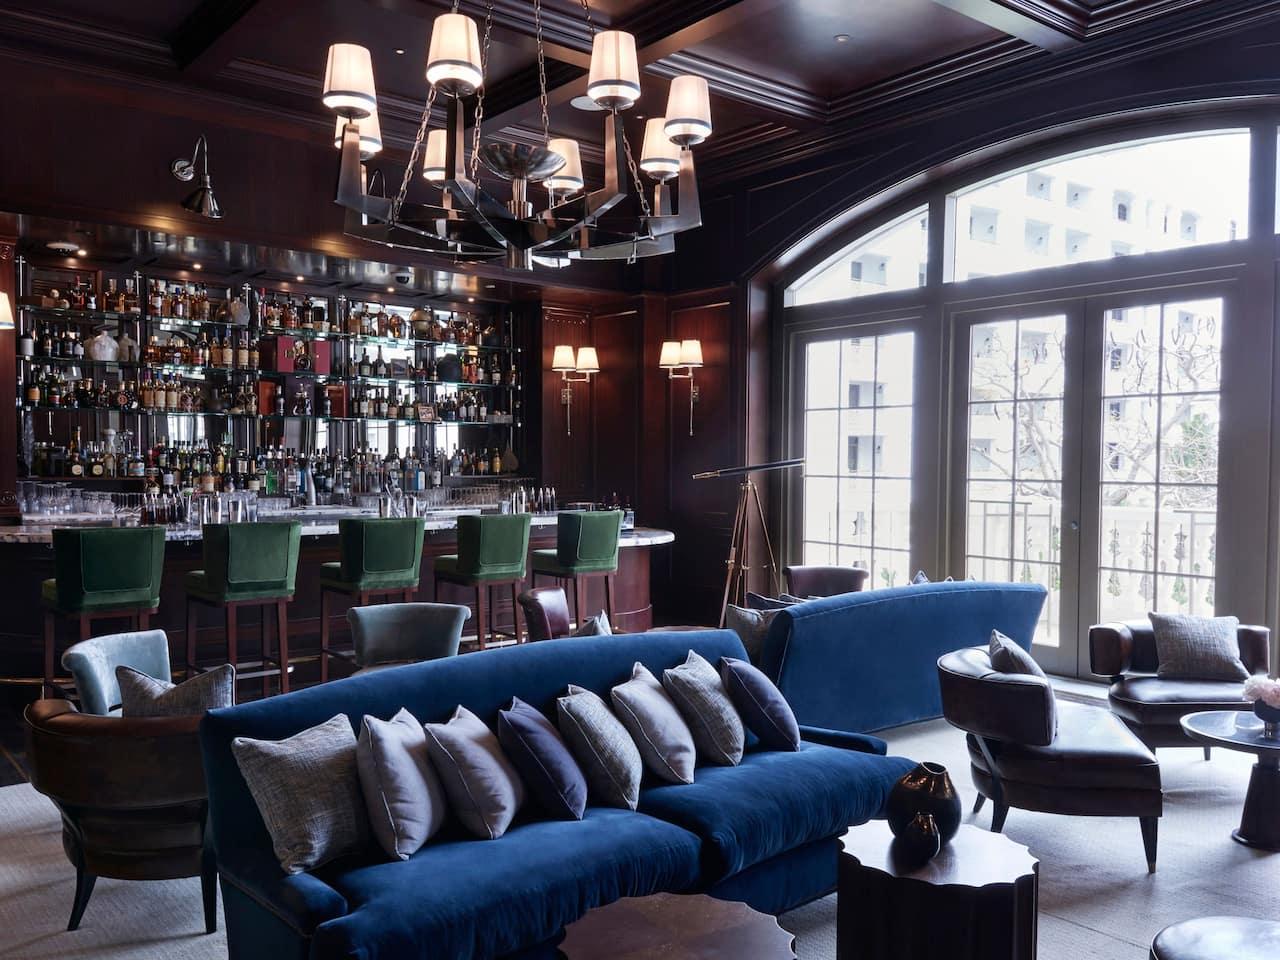 Rosewood Manor Bar